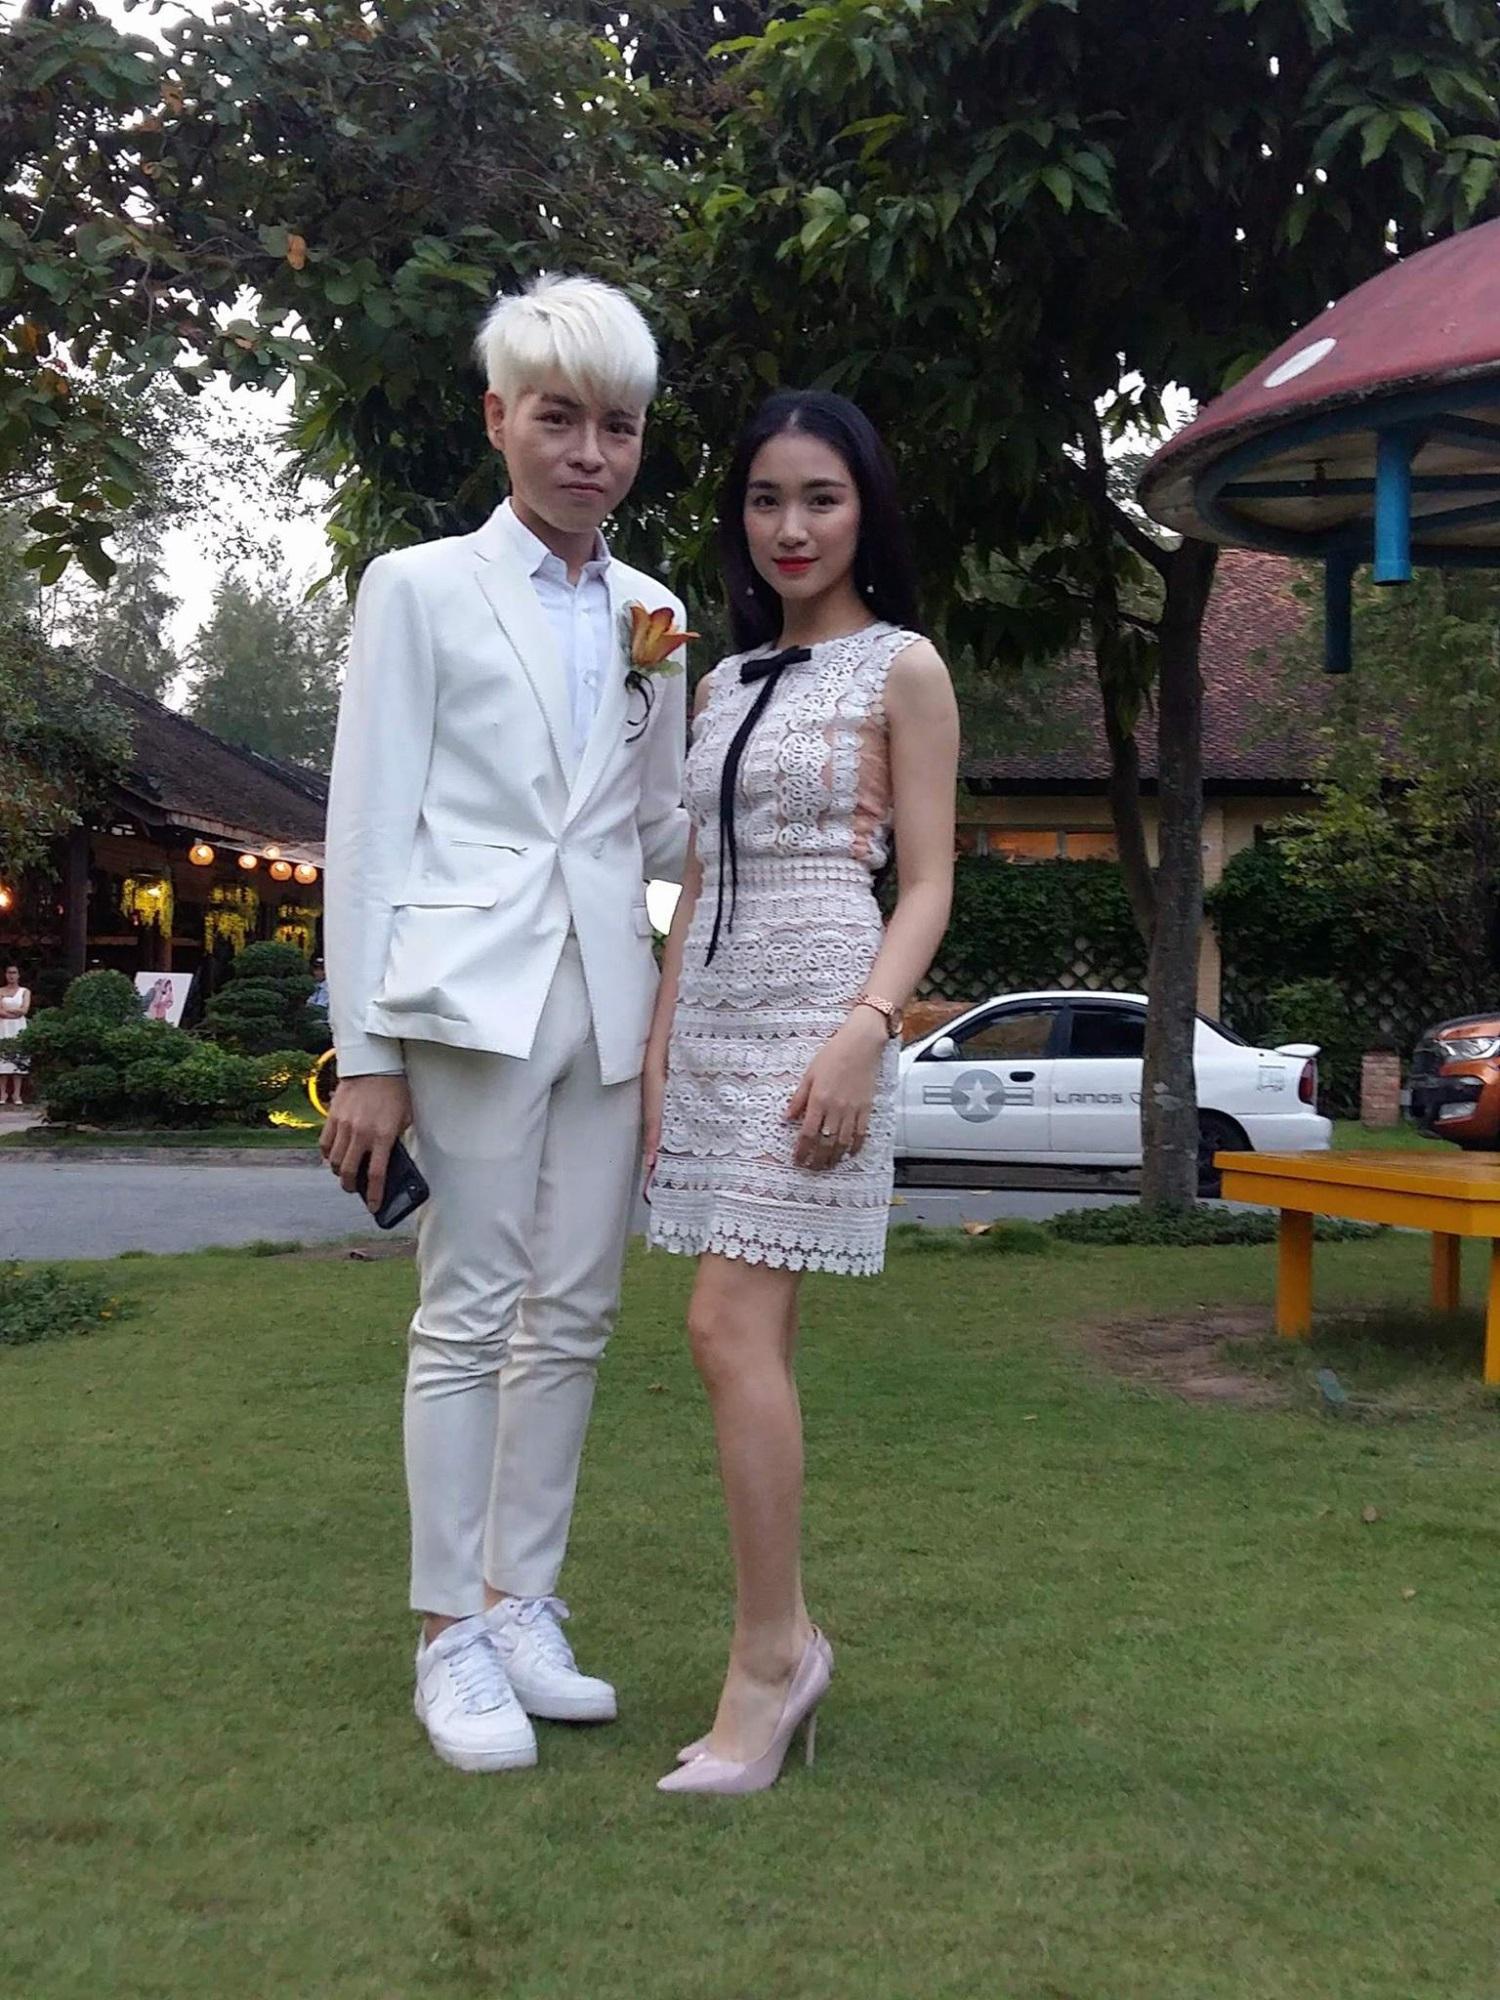 Cập nhật: Vợ chồng Kelvin Khánh - Khởi My diện trang phục giản dị, quậy tưng bừng trong tiệc cưới - Ảnh 3